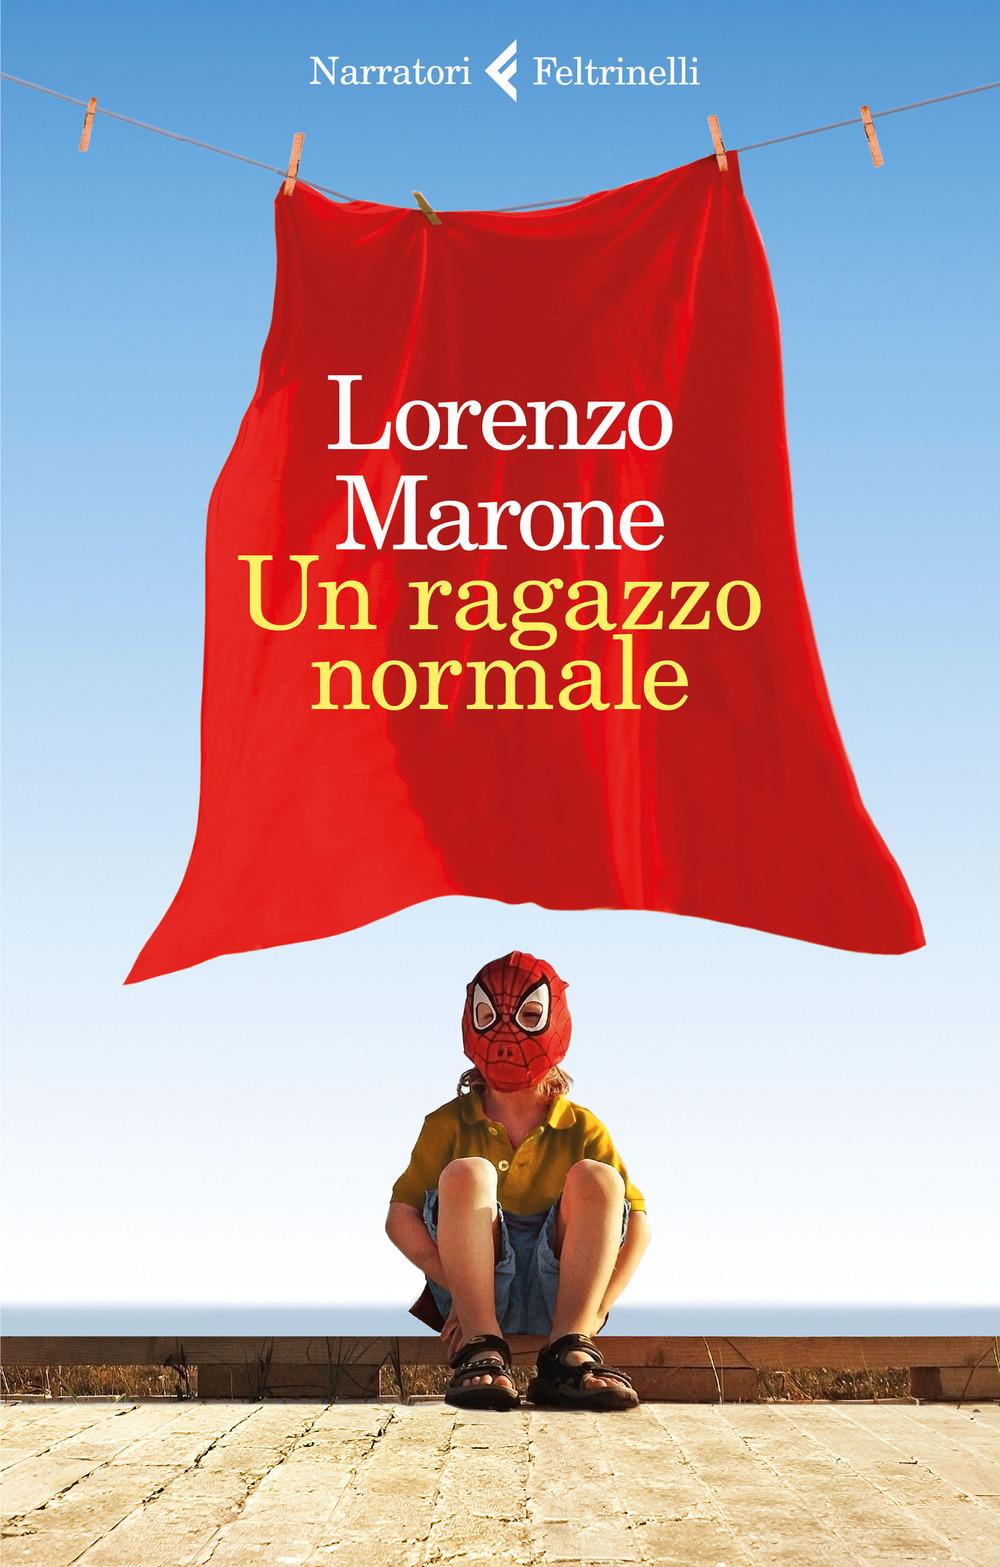 RAGAZZO NORMALE (UN)